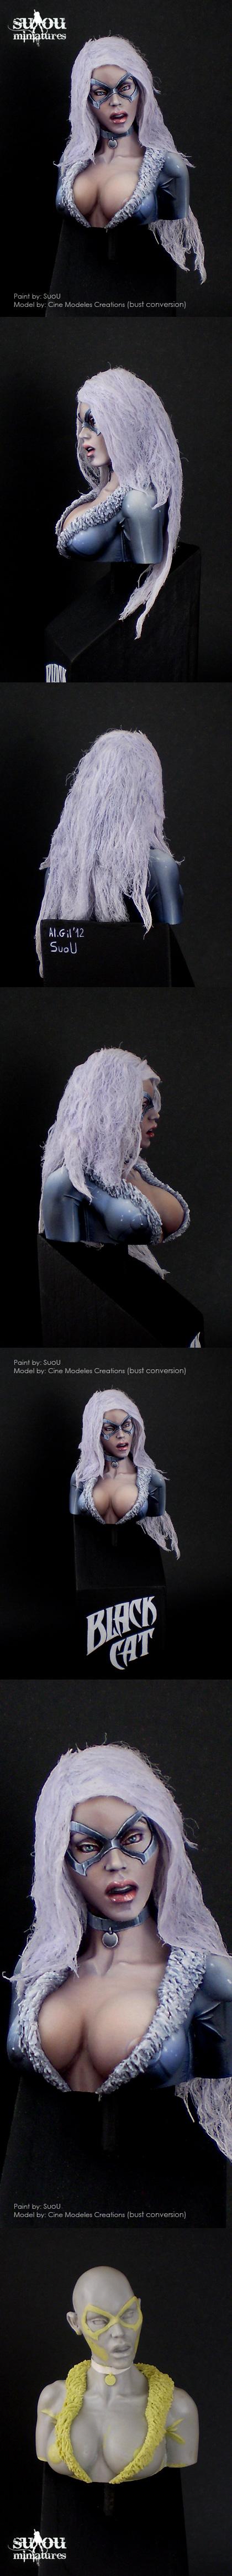 """buste de """" black cat """" par suou Img4f9d8f74af954"""